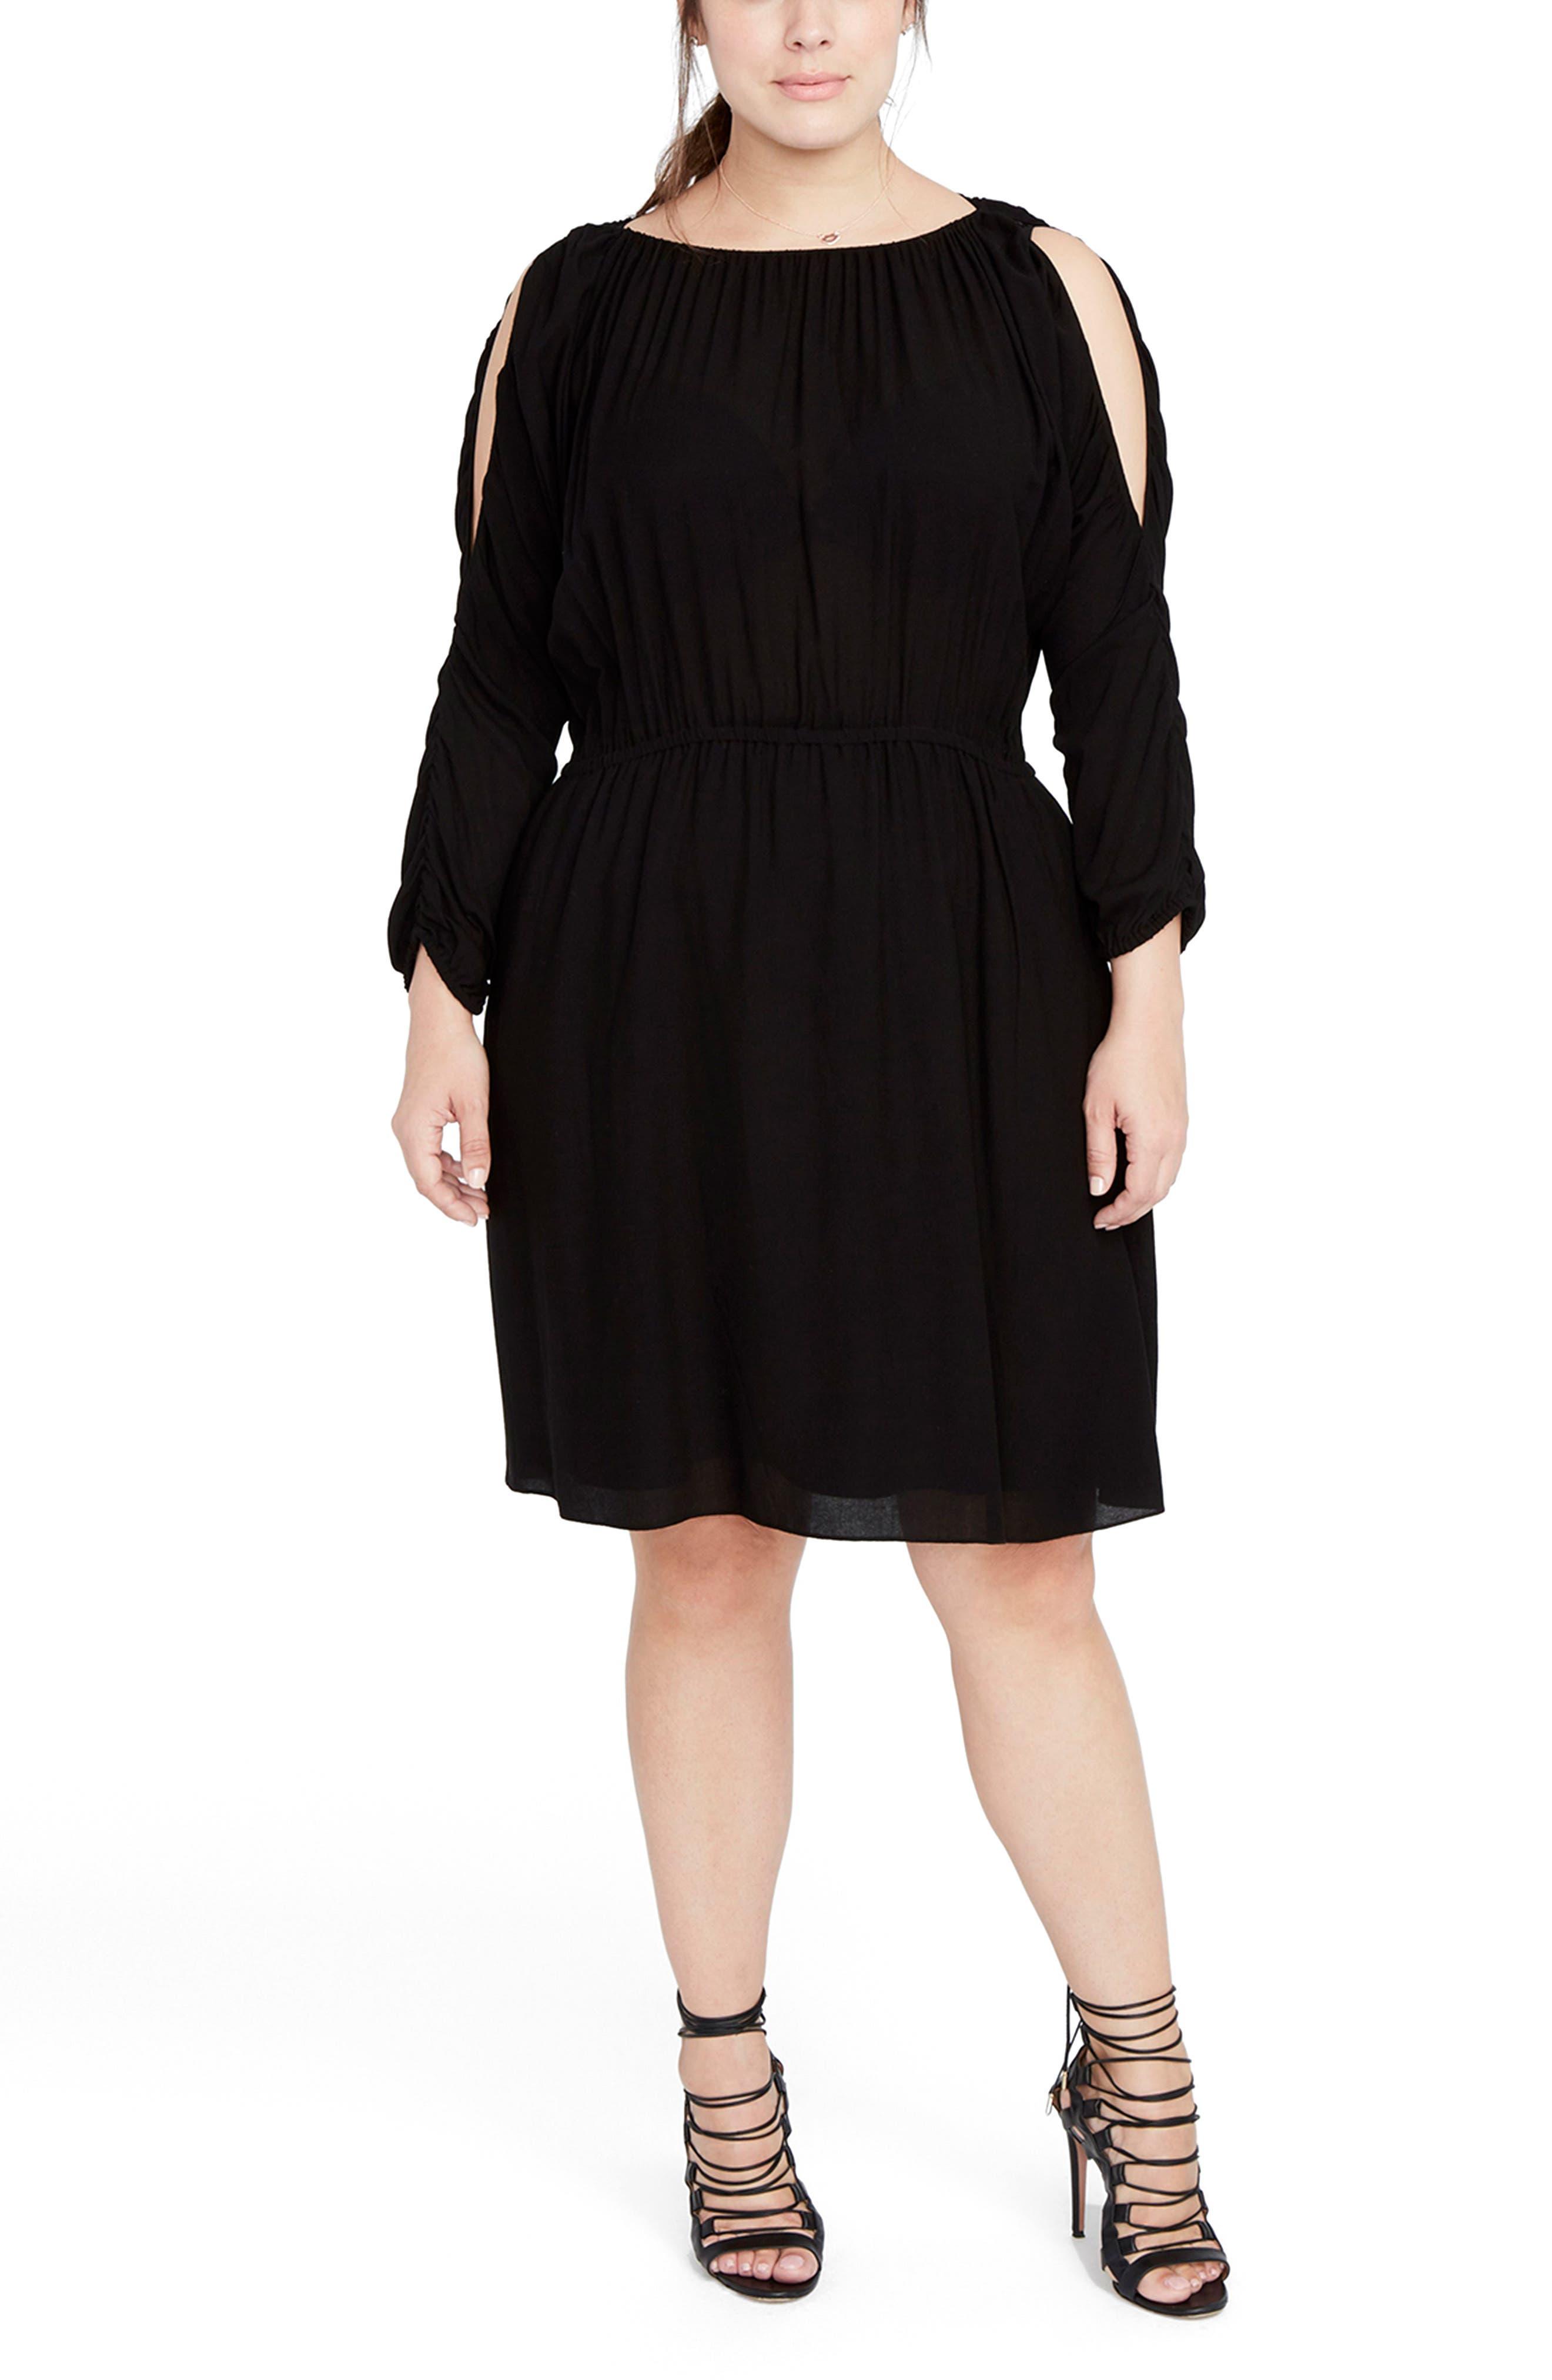 Main Image - RACHEL Rachel Roy Ruched Cold Shoulder Dress (Plus Size)